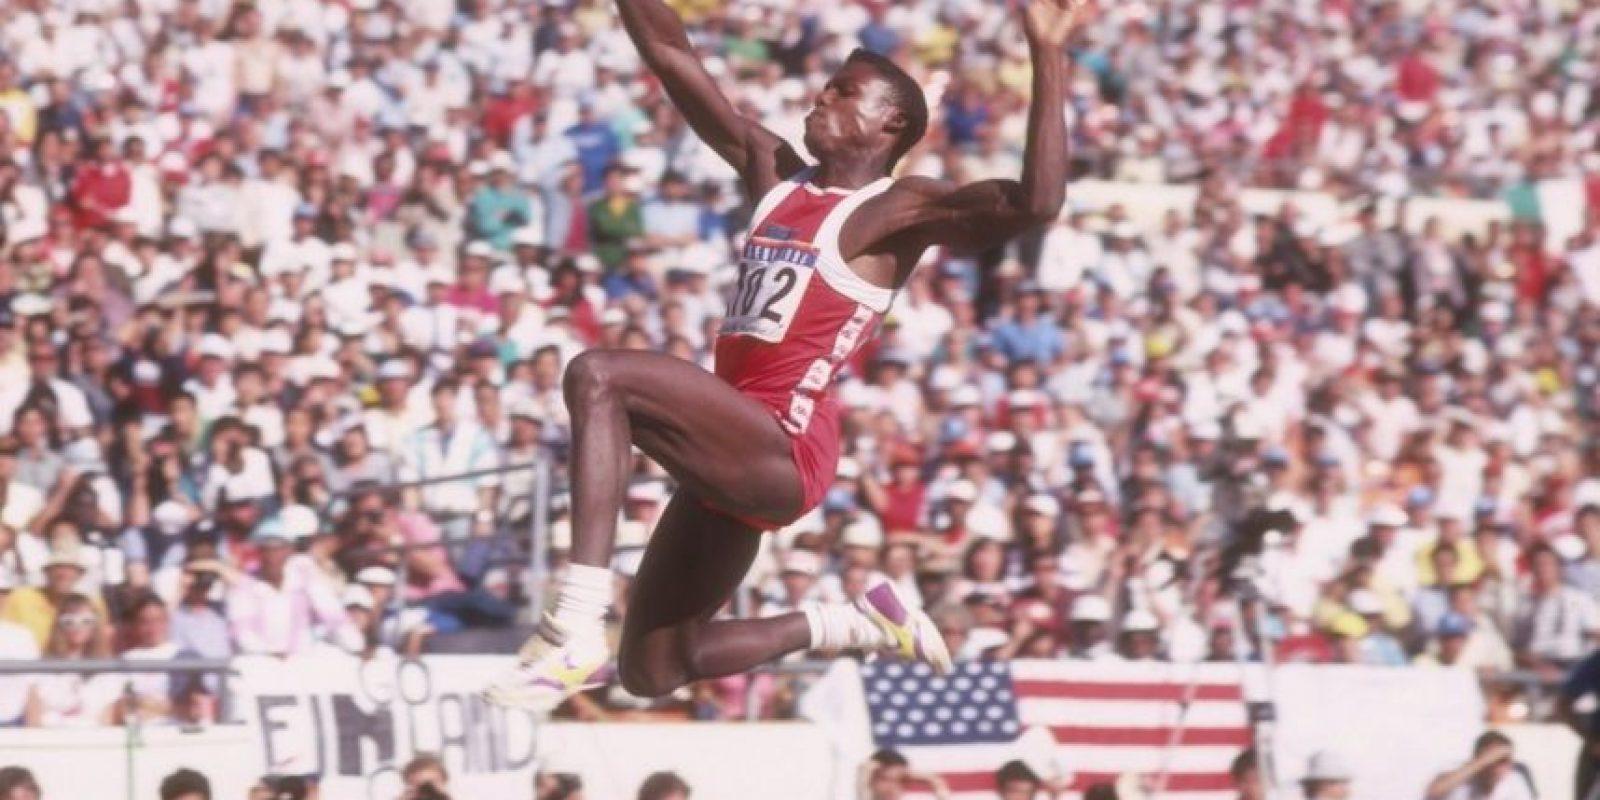 """Para Indianápolis 1987, el """"Hijo del Viento"""" impuso el récord del evento en triple salto con 8.75 metros Foto:Getty Images"""